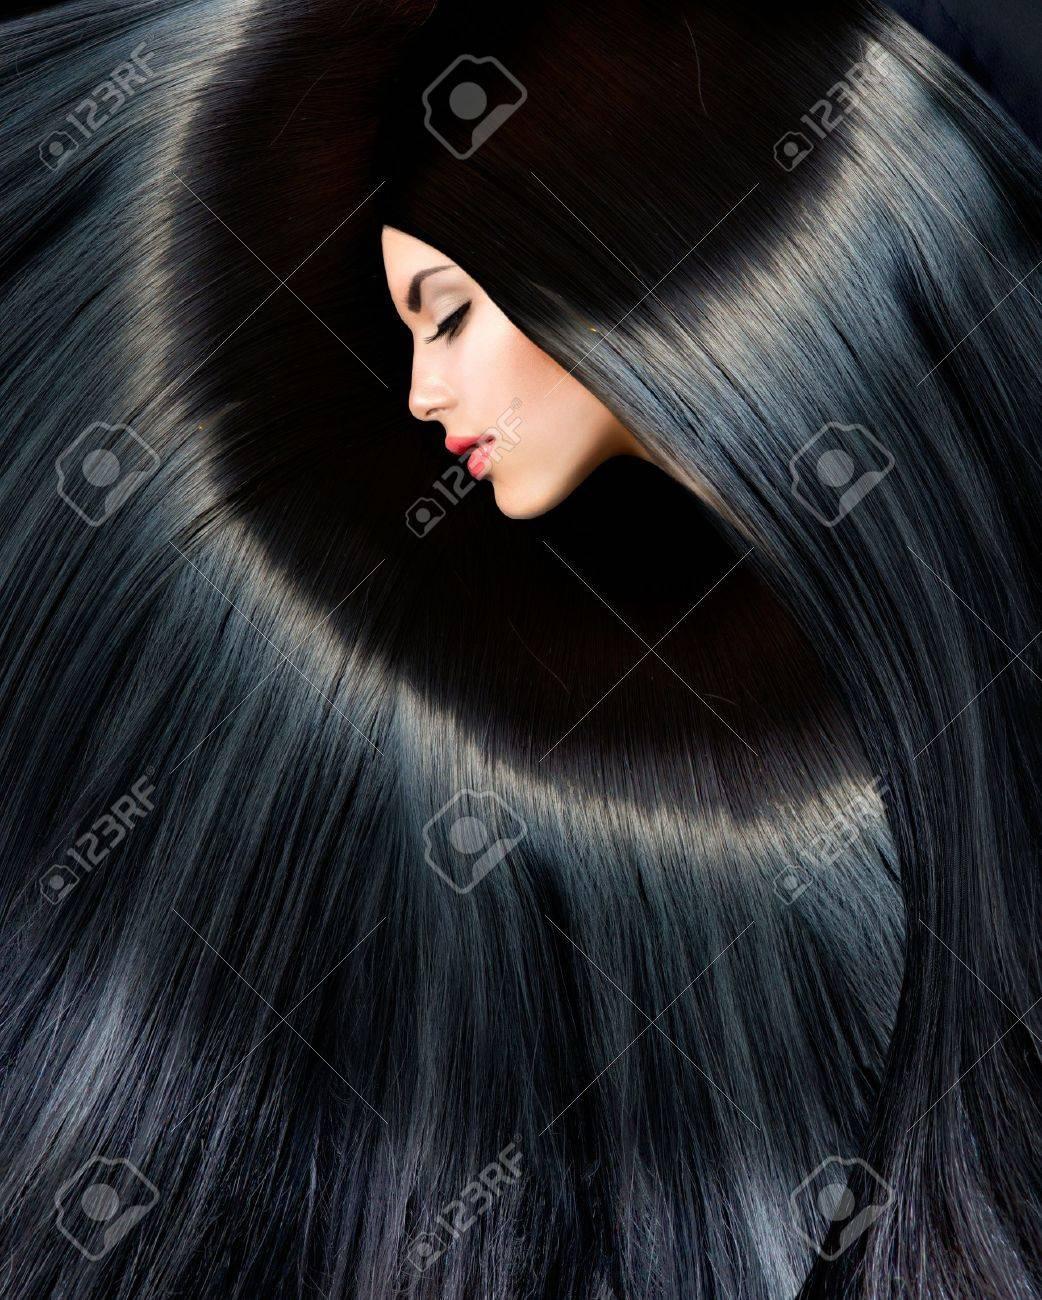 Healthy Long Black Hair Beauty Brunette Woman